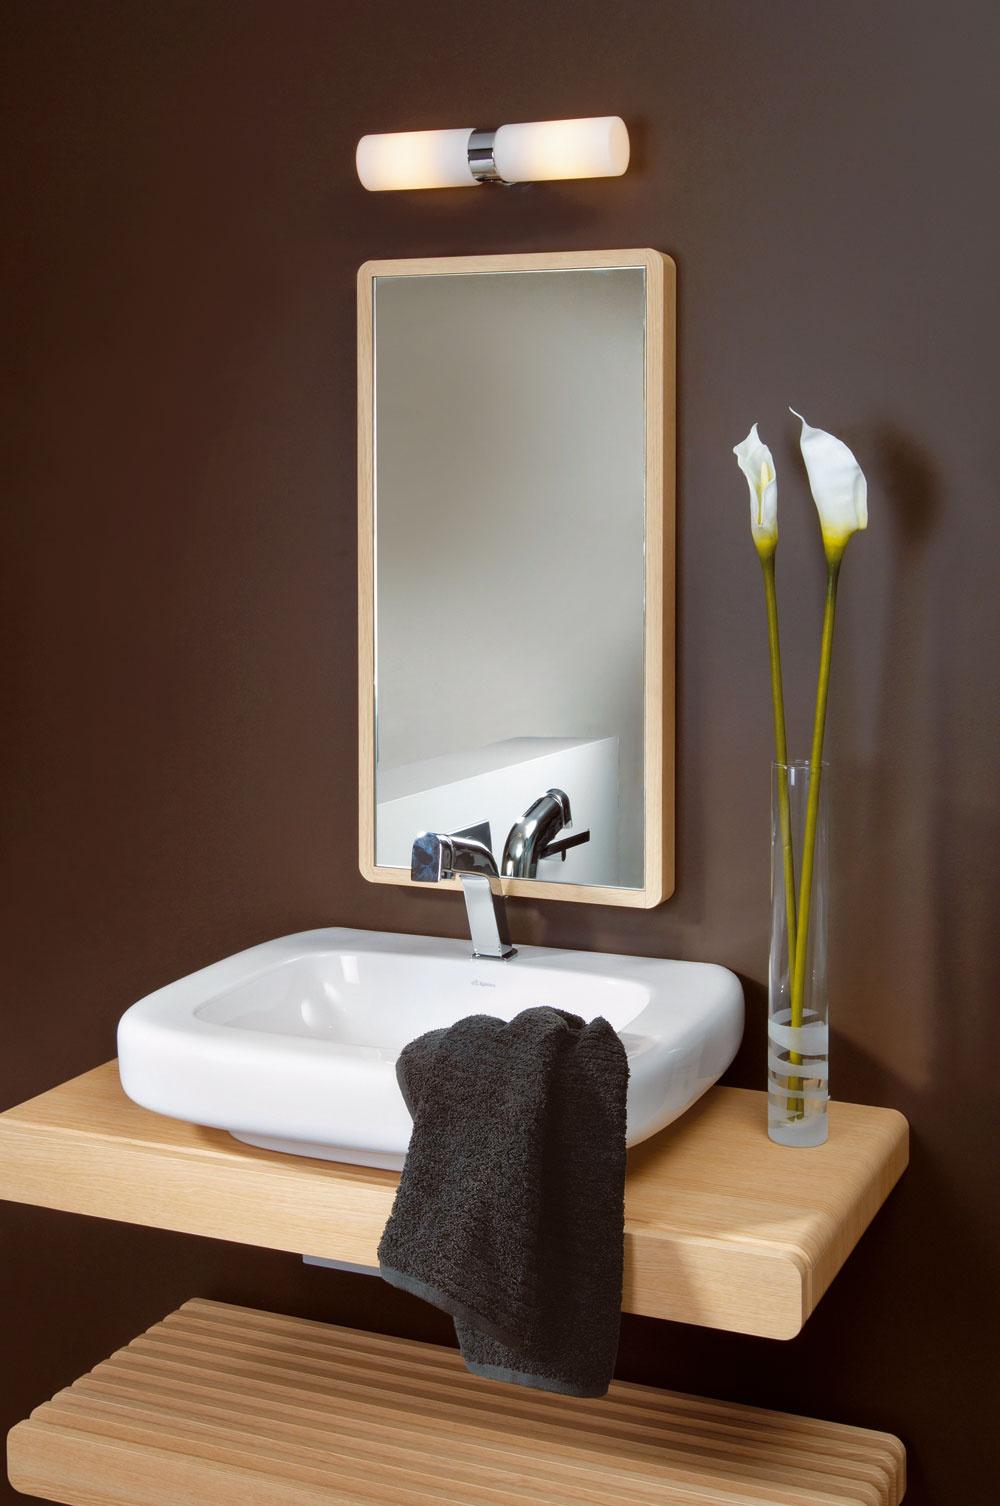 Je veľmi dôležité rozoznávať miestnosti, vktorých inštalujete svietidlá. Nie všetky svietidlá, ktoré sa hodia do obývačky či chodby, sú vhodné aj do kuchyne alebo kúpeľne – najmä zbezpečnostných dôvodov. Na používanie vkúpeľni sú určené špeciálne svietidlá sochranou proti vlhkosti. Vodovzdornosť pri svietidlách rozoznáte podľa ukazovateľa IP (Ingress Protection), ktorý sa uvádza na obale.